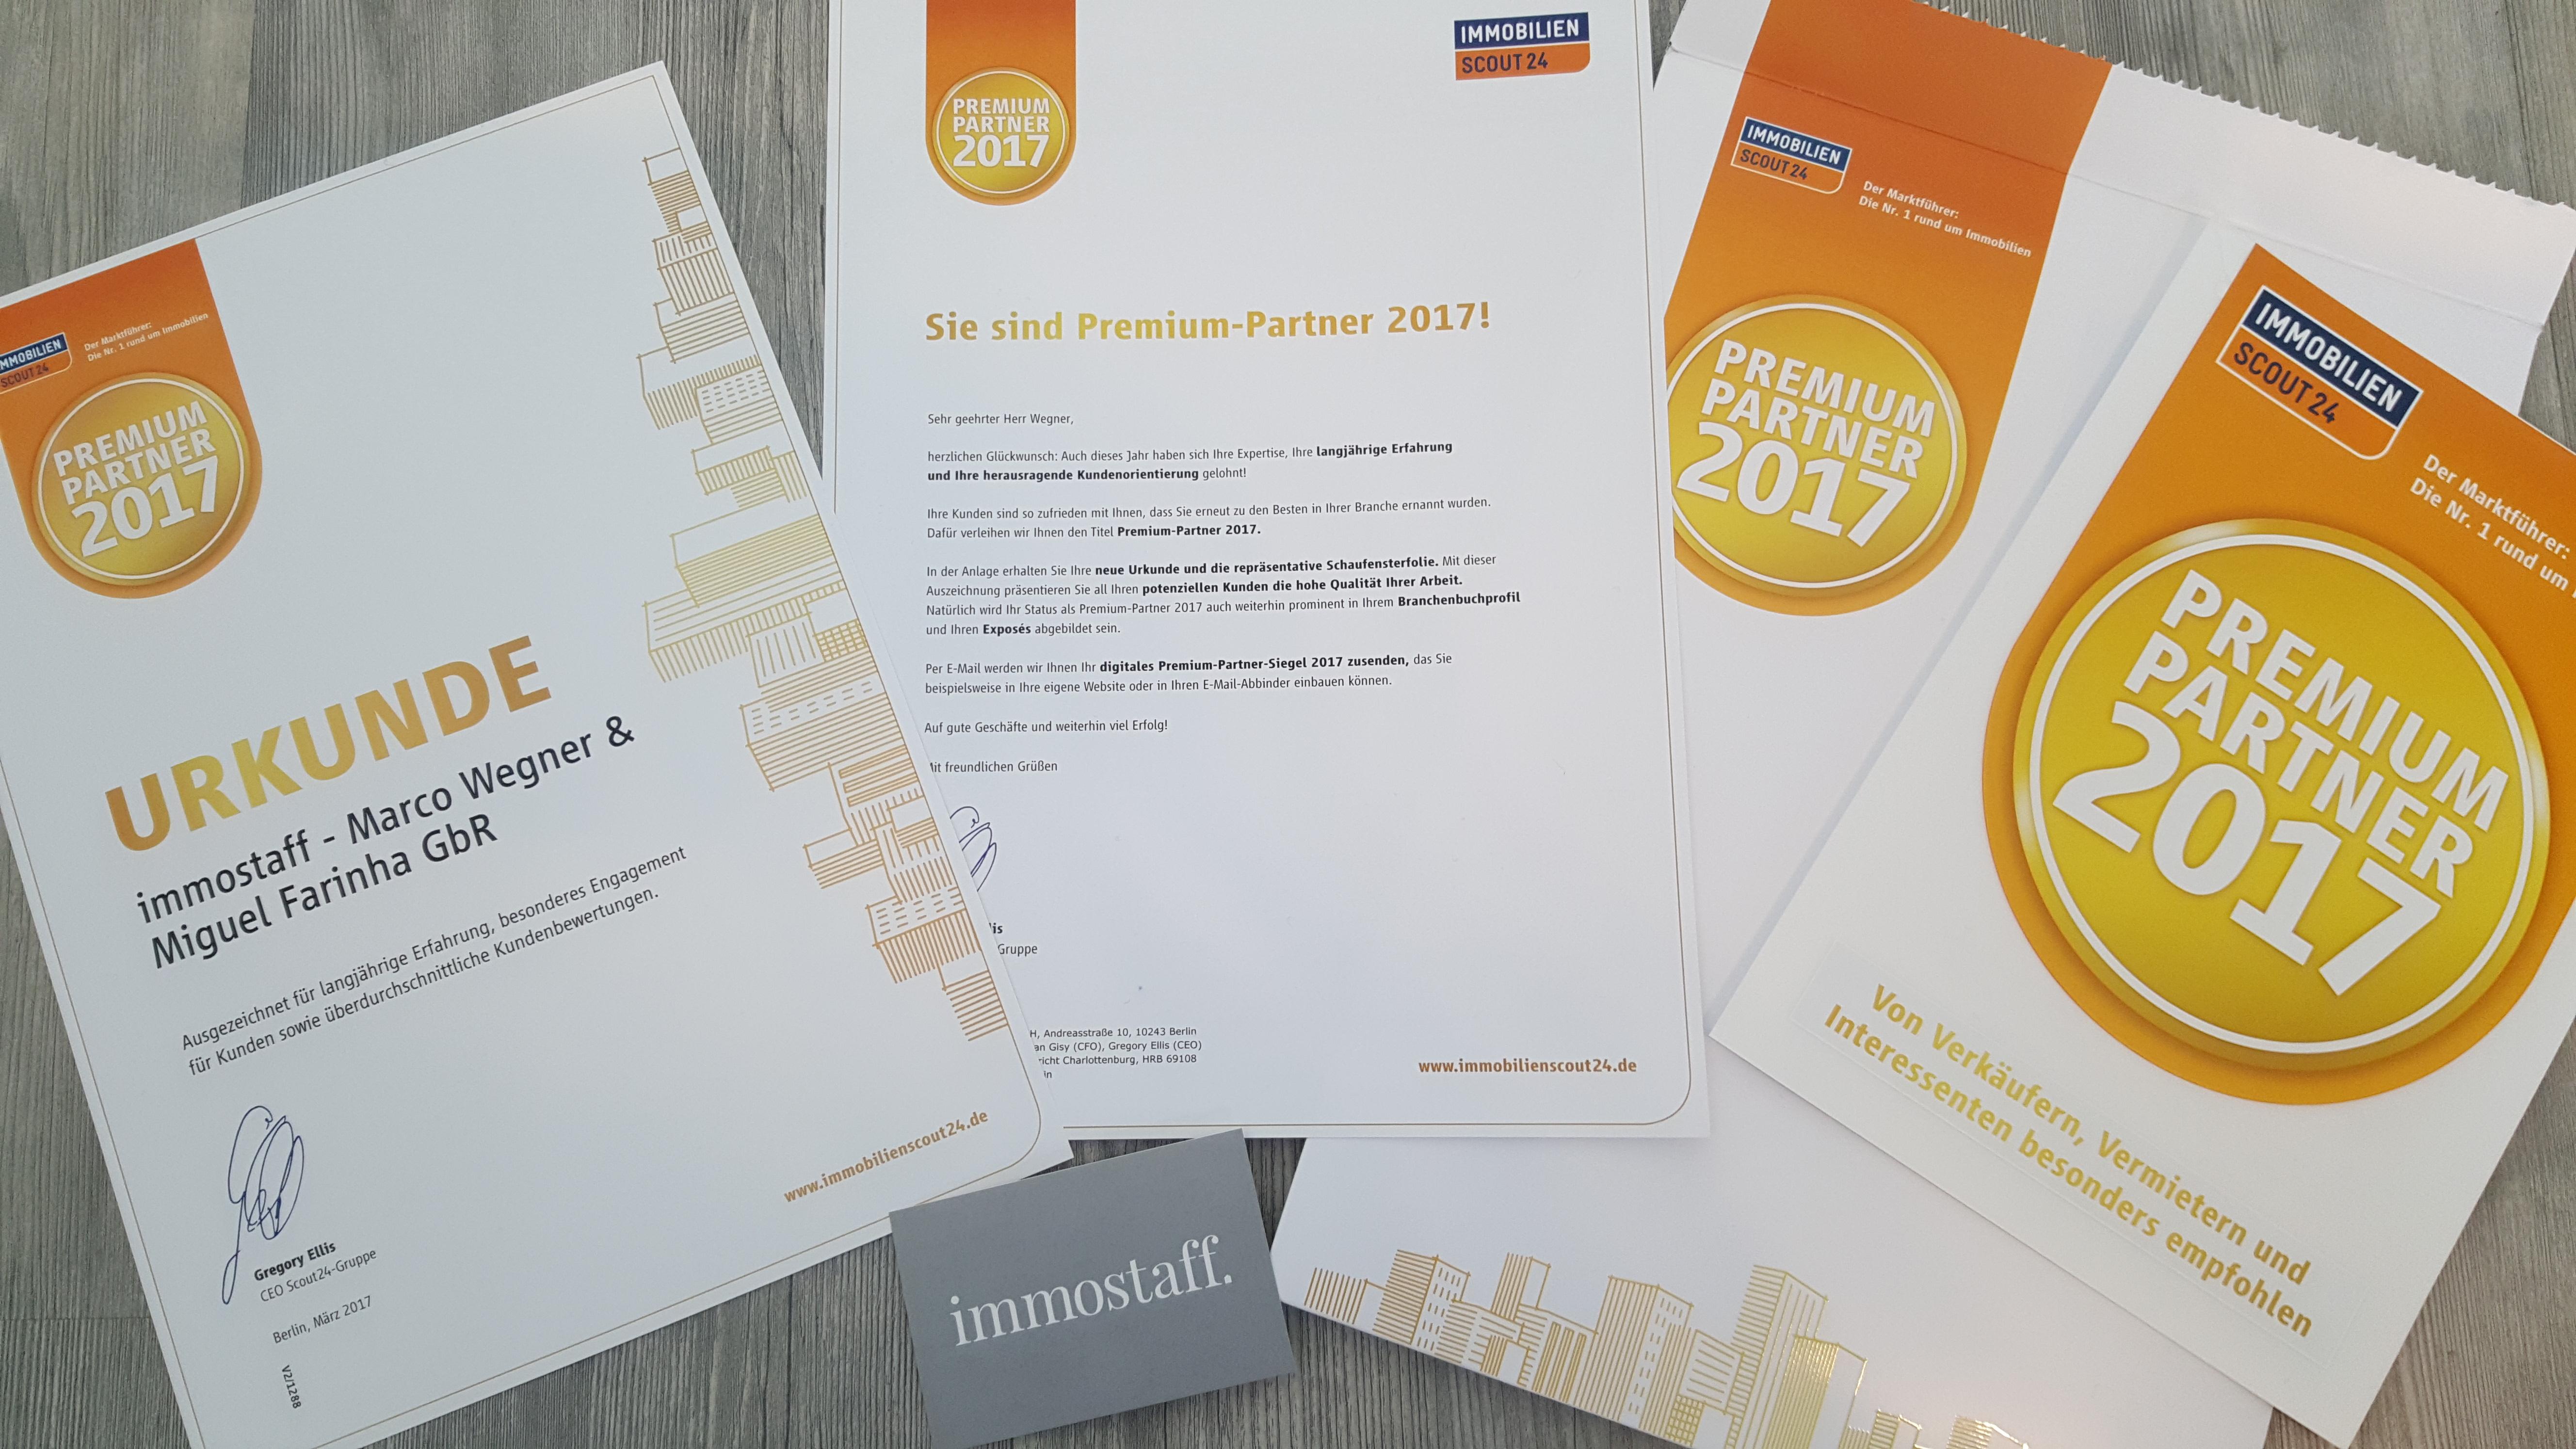 Immobilienmakler In Bottrop immobilienmakler in bottrop zum premium partner 2017 ausgezeichnet